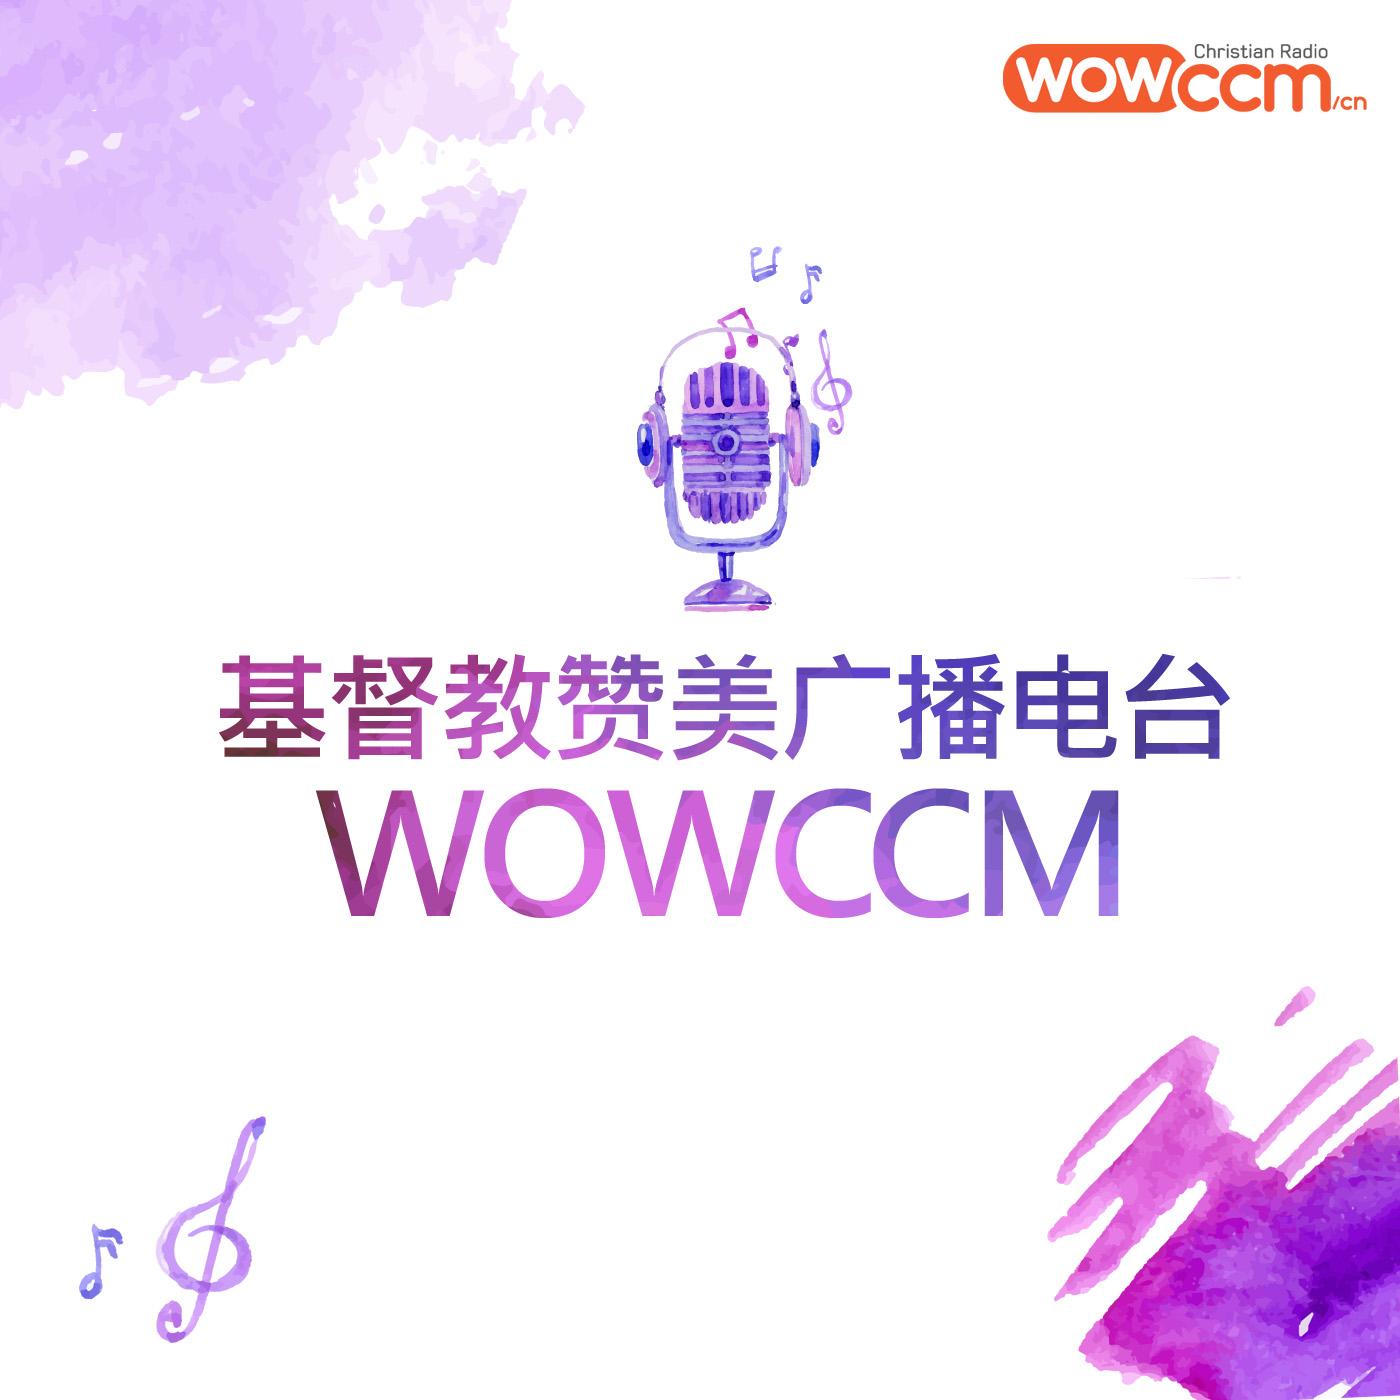 基督教赞美广播电台-WOWCCM